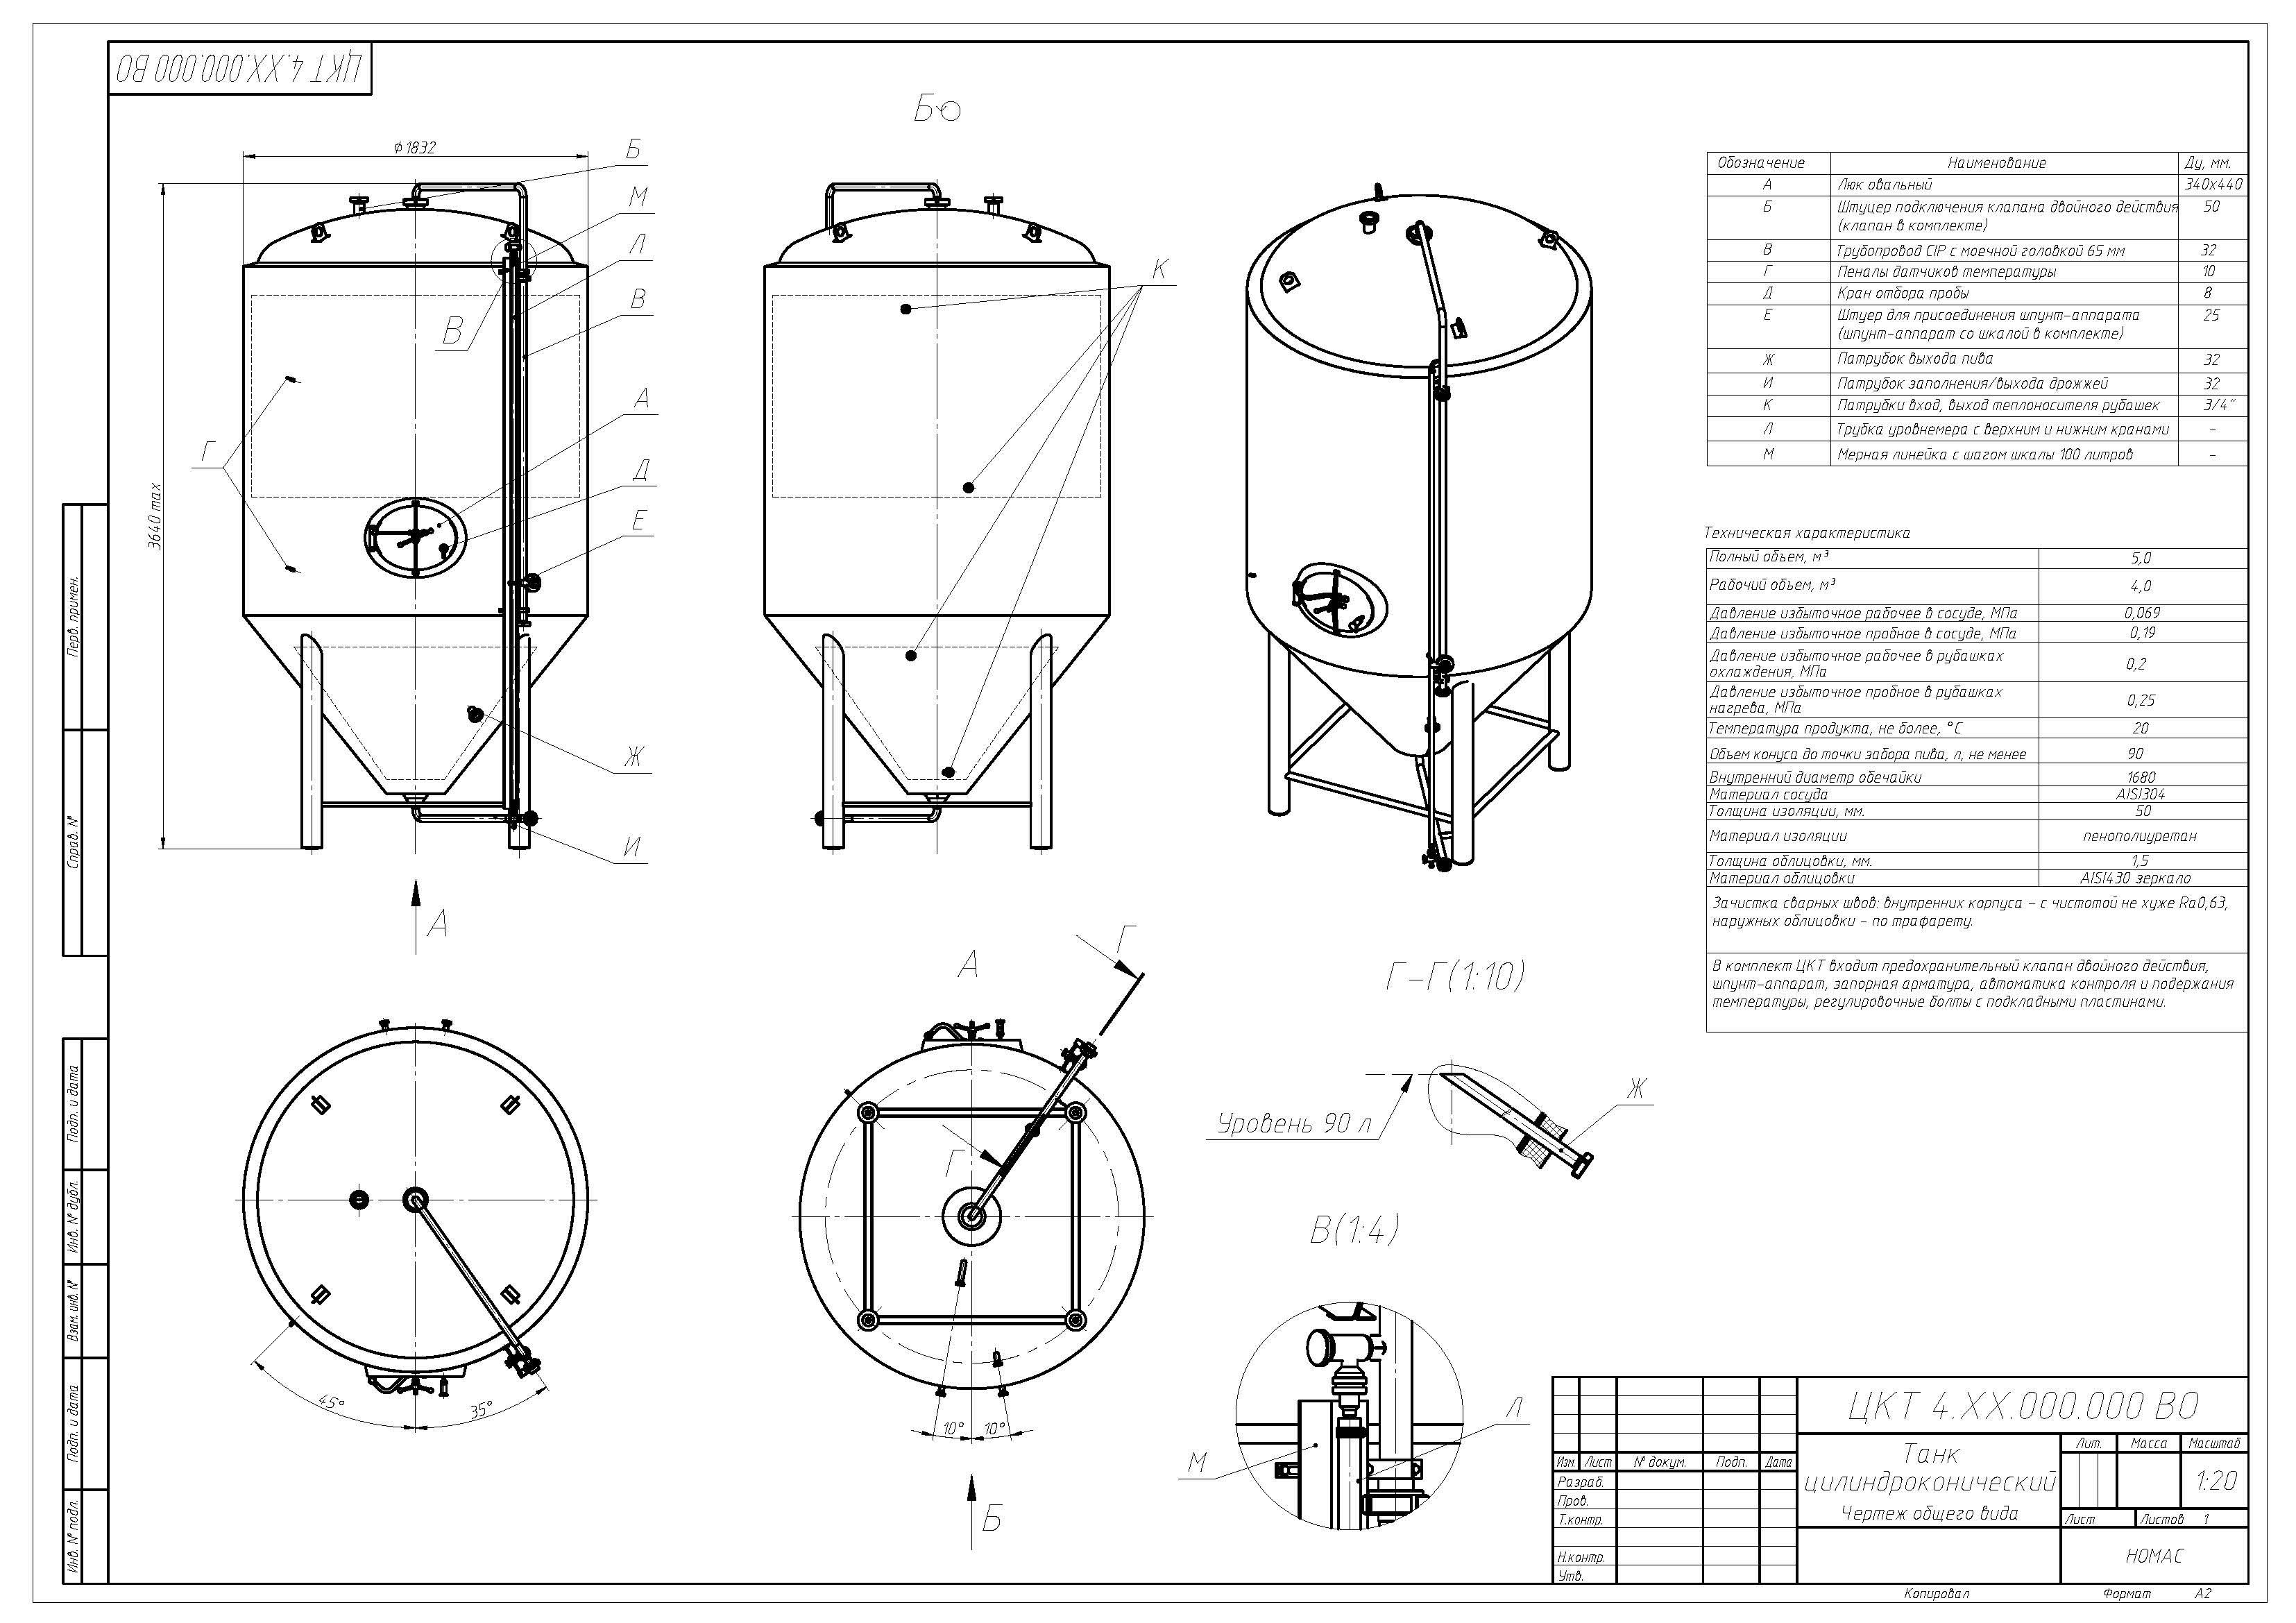 Цилиндро-конический танк 4000 л - купить у производителя